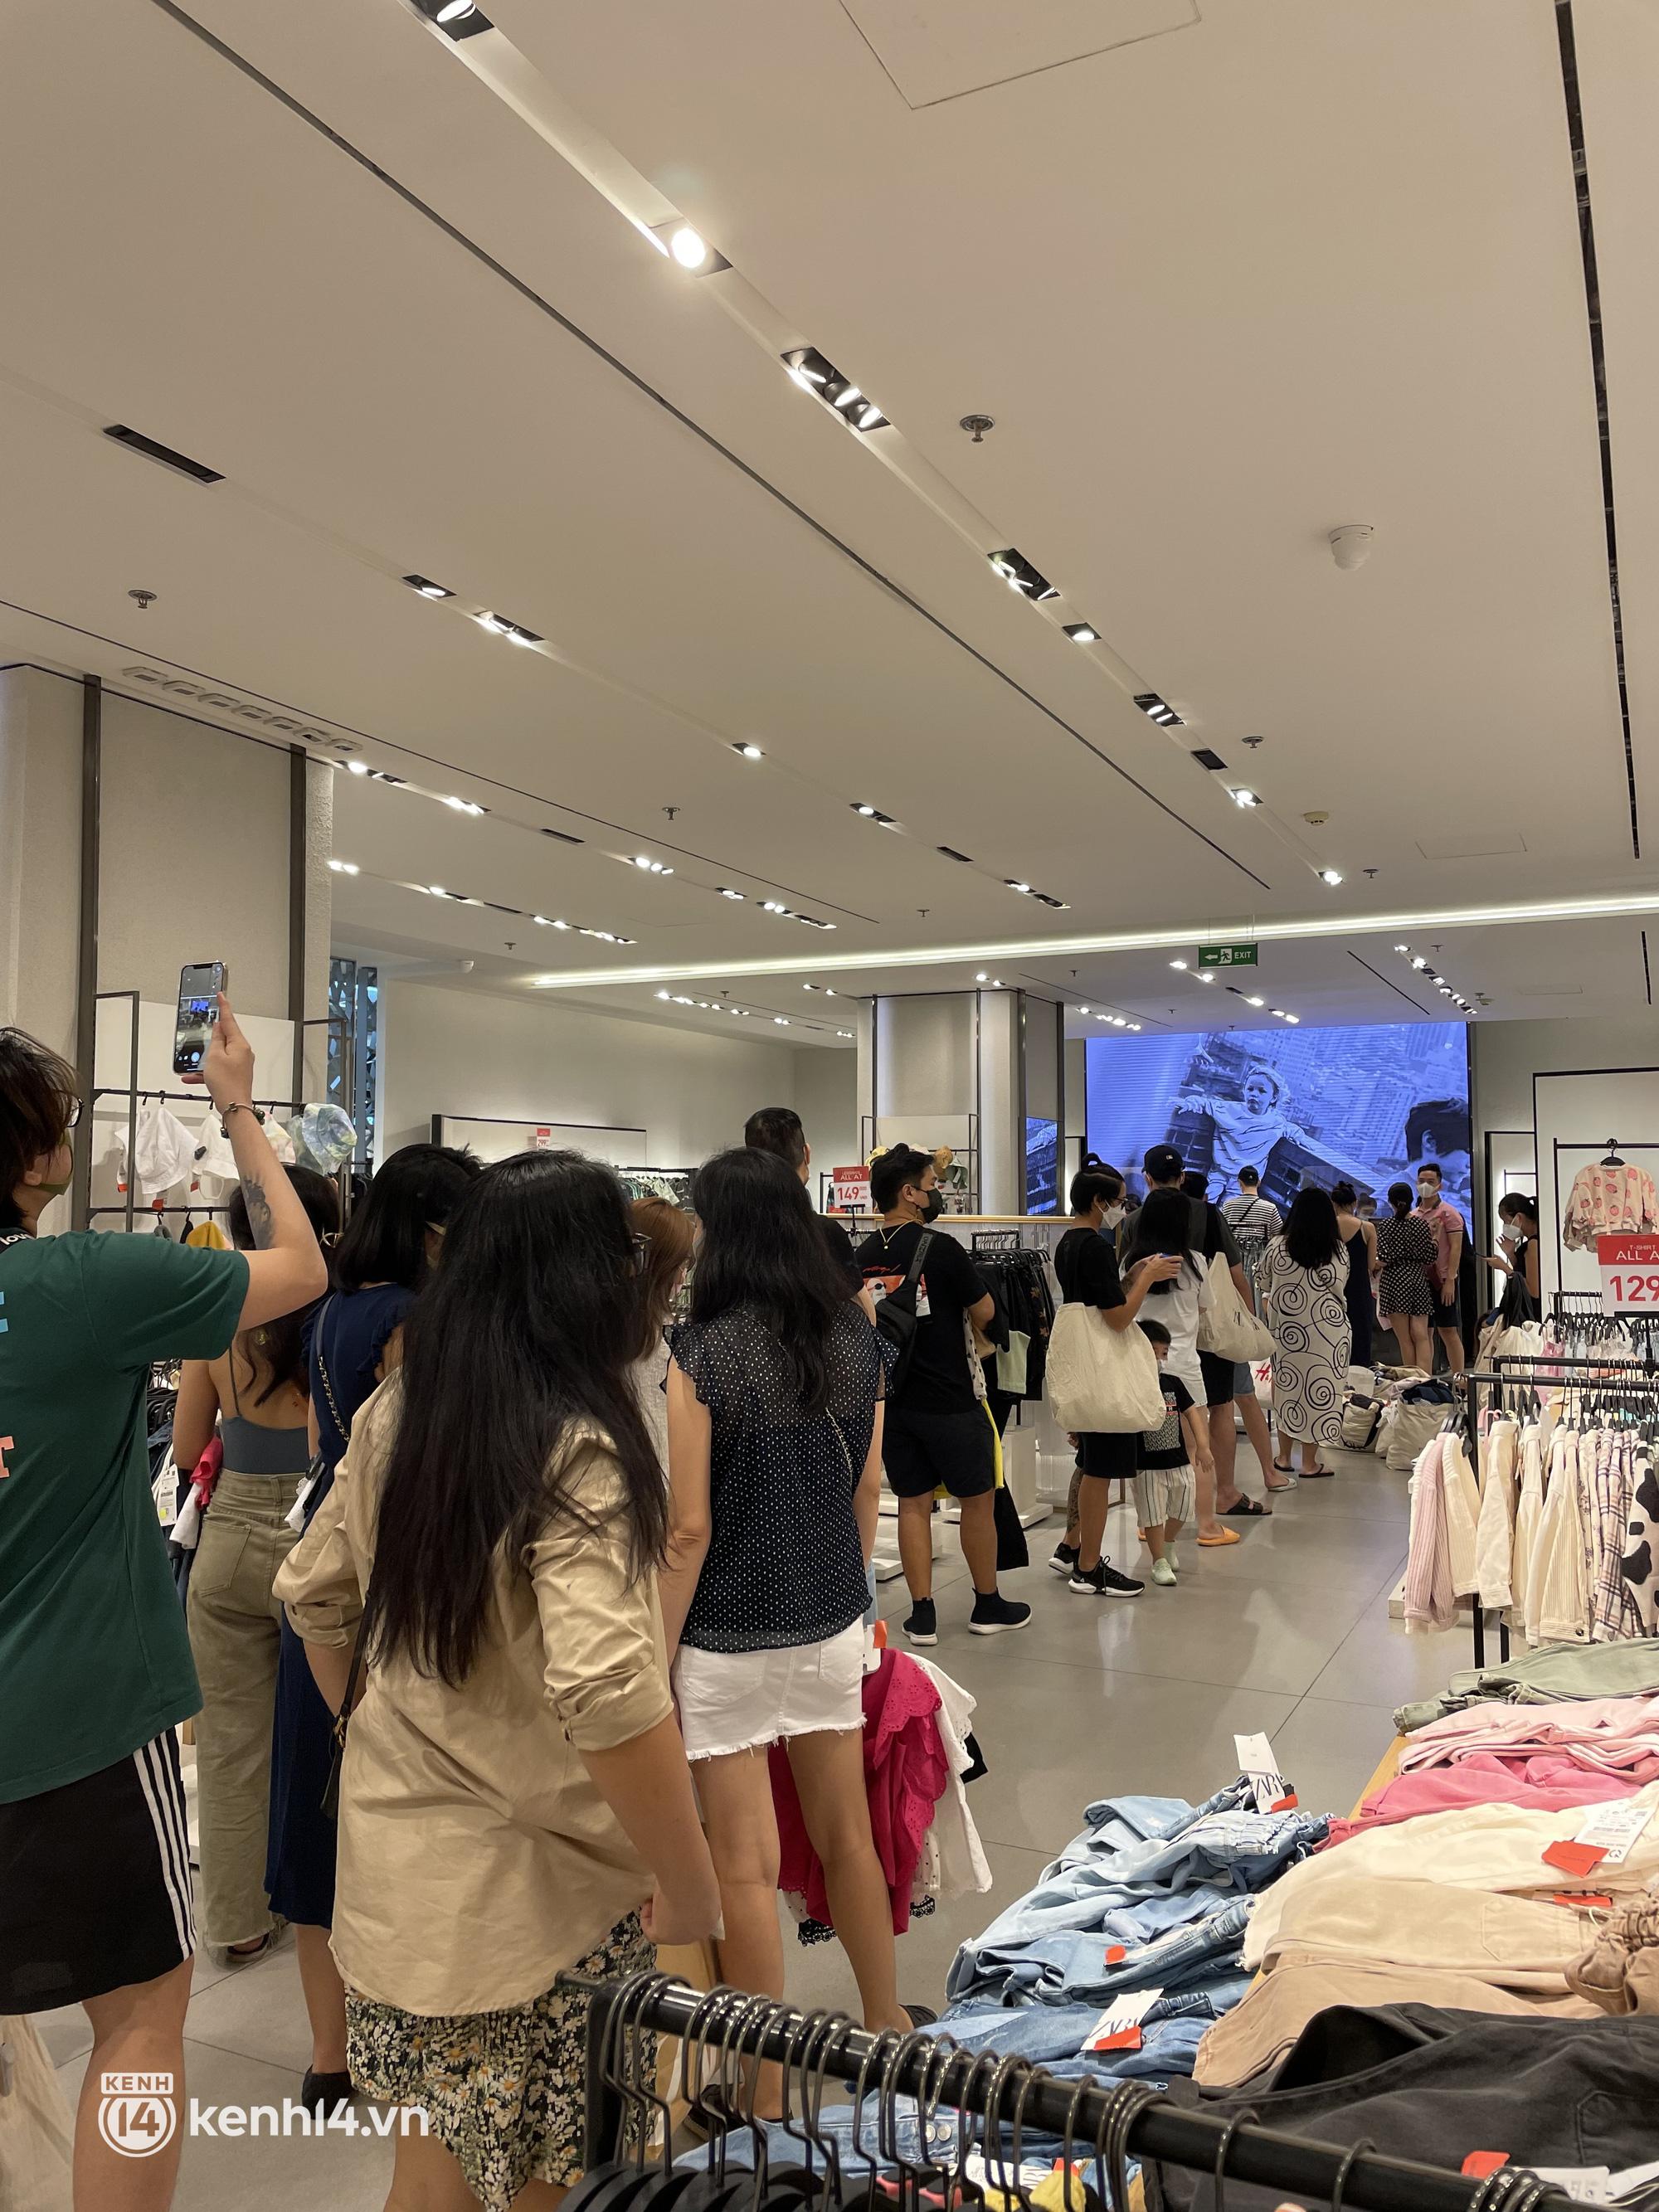 Sài Gòn: Dân tình mua sắm phục thù, xếp hàng dài mua cả bao tải đồ sale, có người chờ không nổi đành bỏ ngang ra về - Ảnh 3.